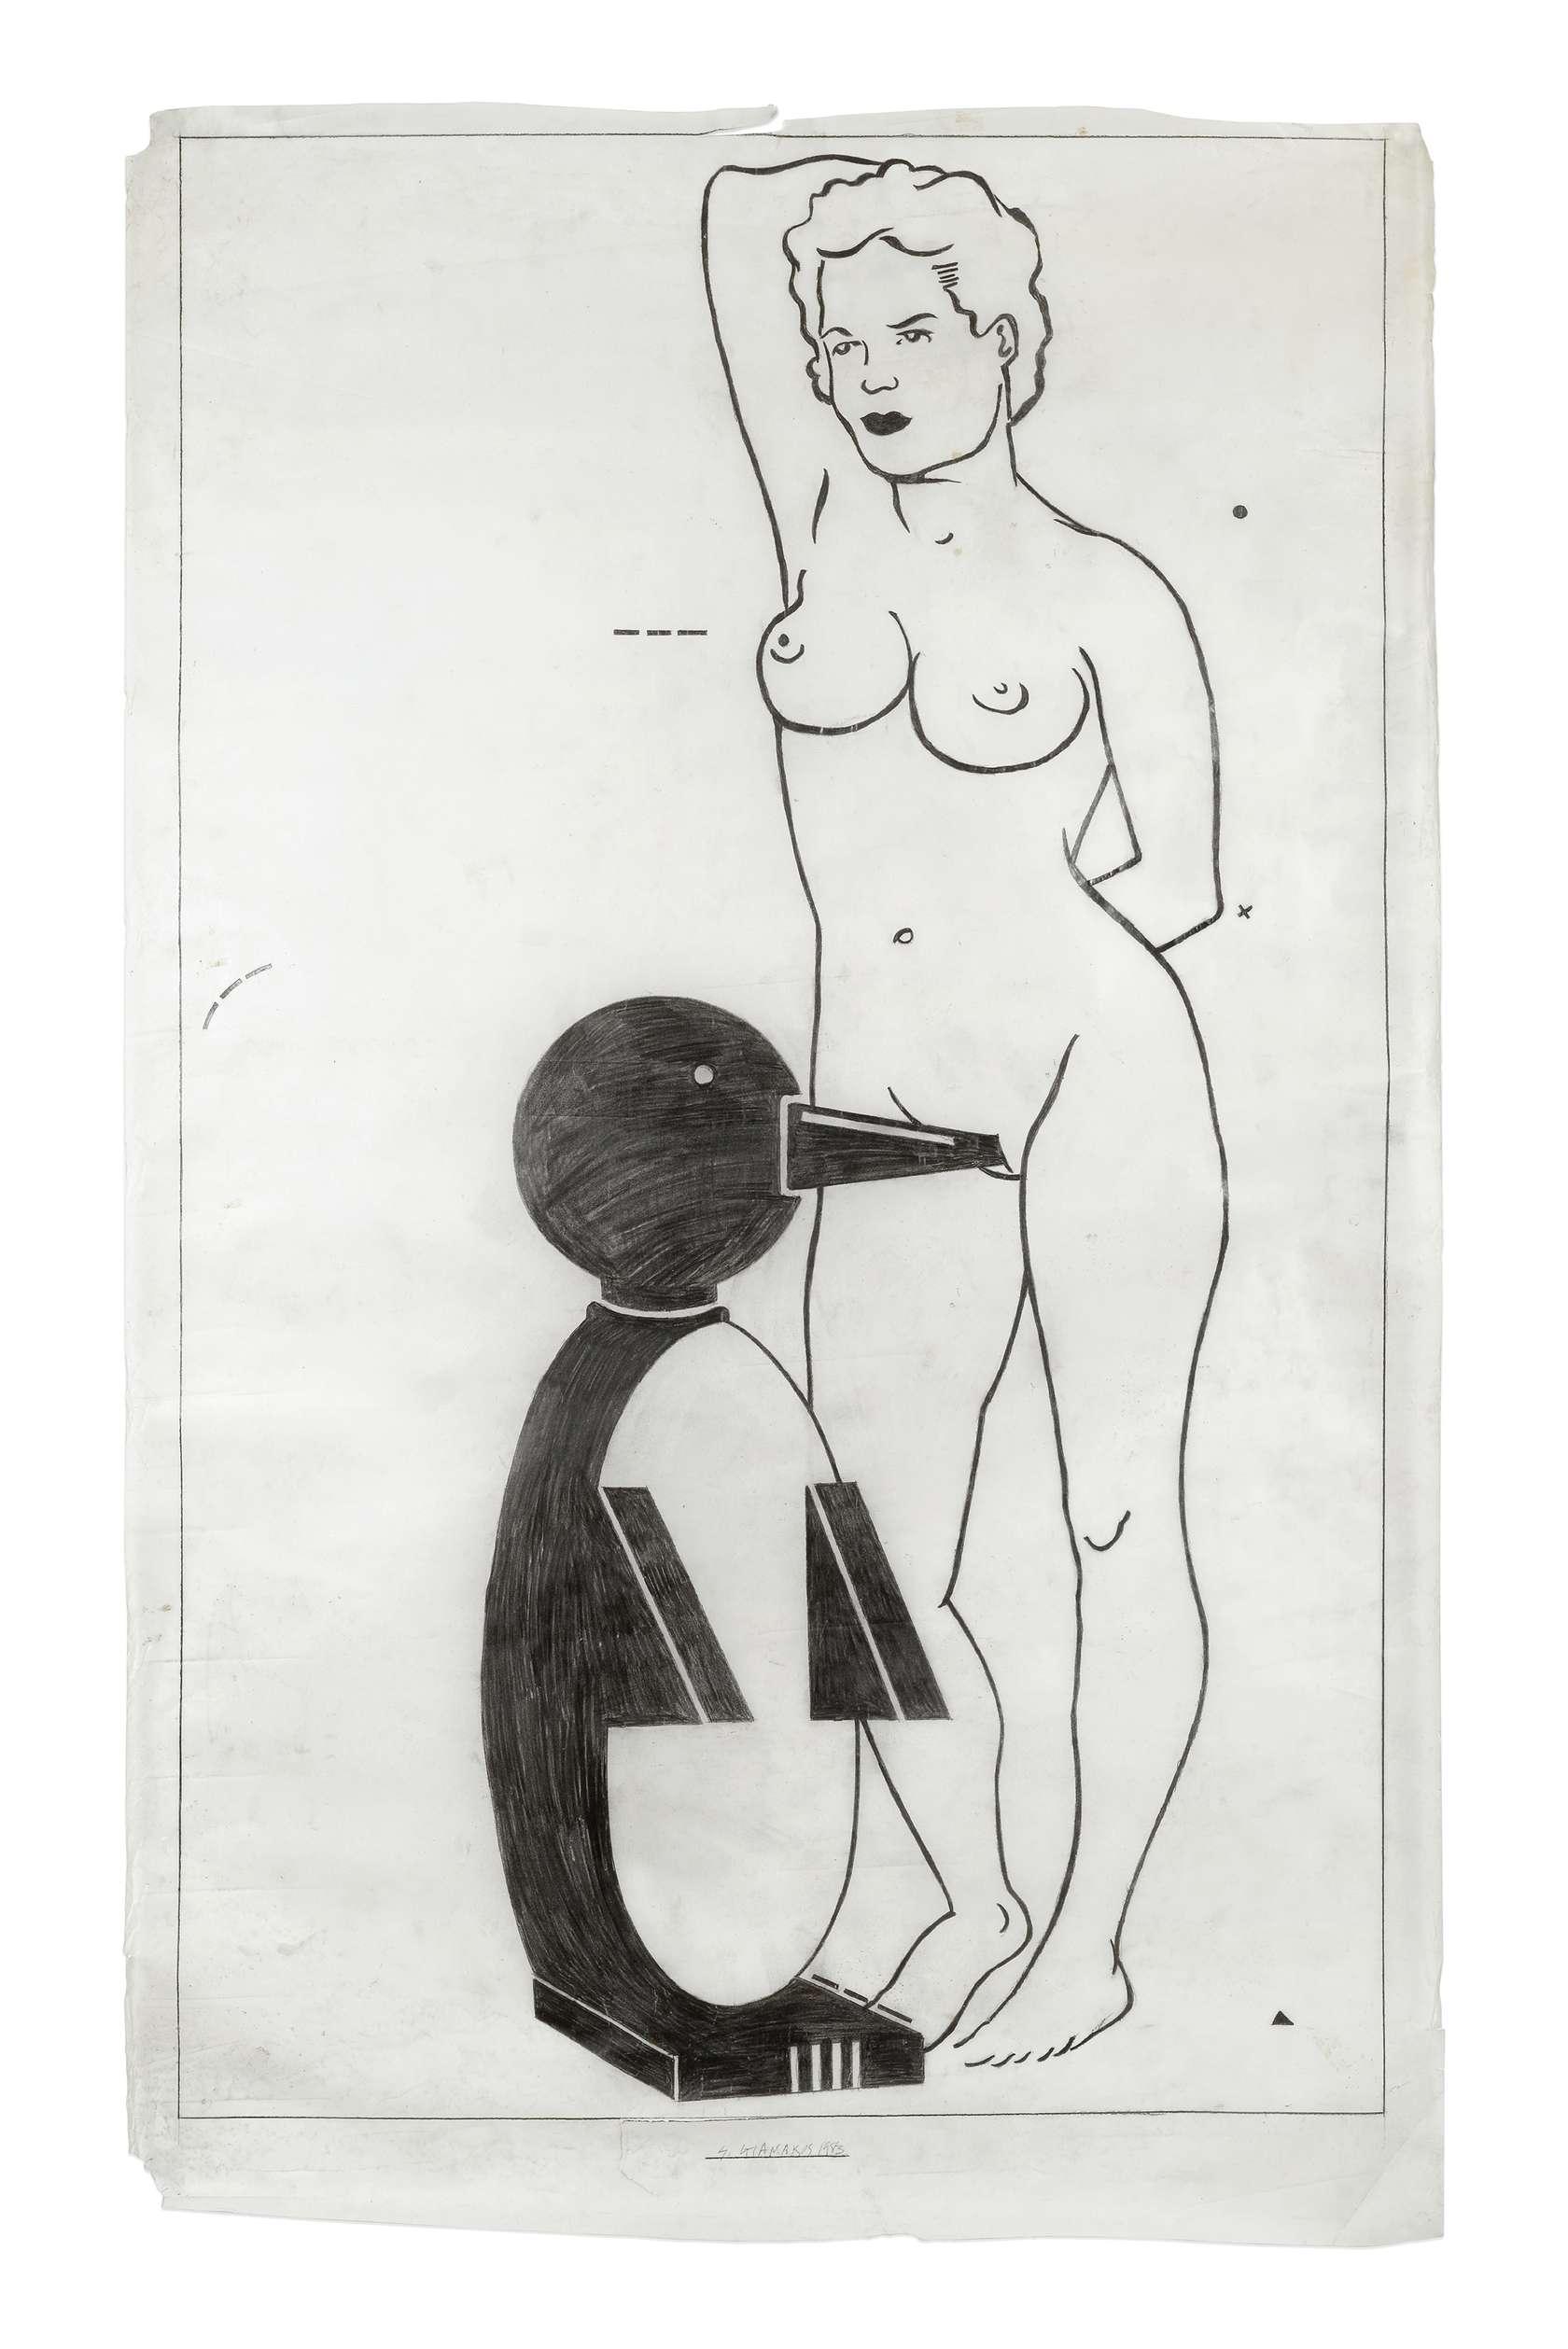 Steve Gianakos, Untitled, 1983 Mine de plomb sur papier calque148 x 92 cm / 58 2/8 x 36 2/8 inches